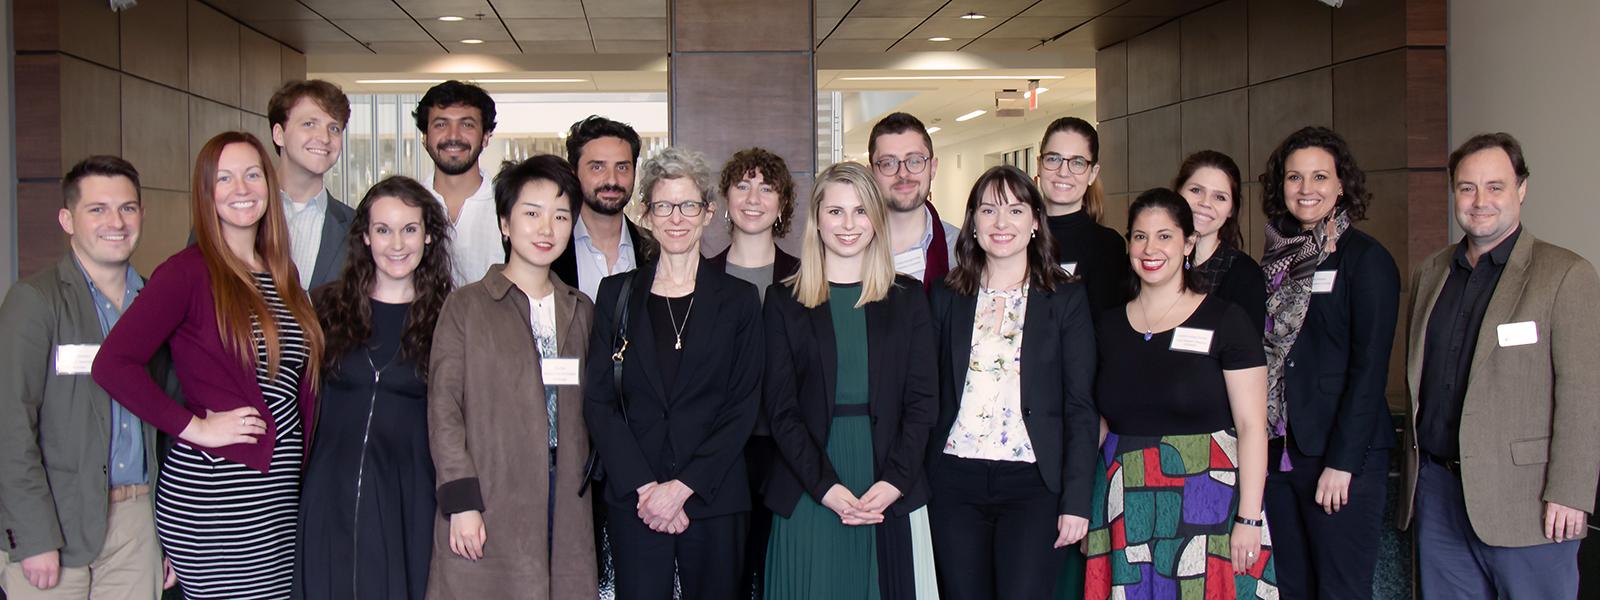 Recap: 36th Annual Graduate Symposium